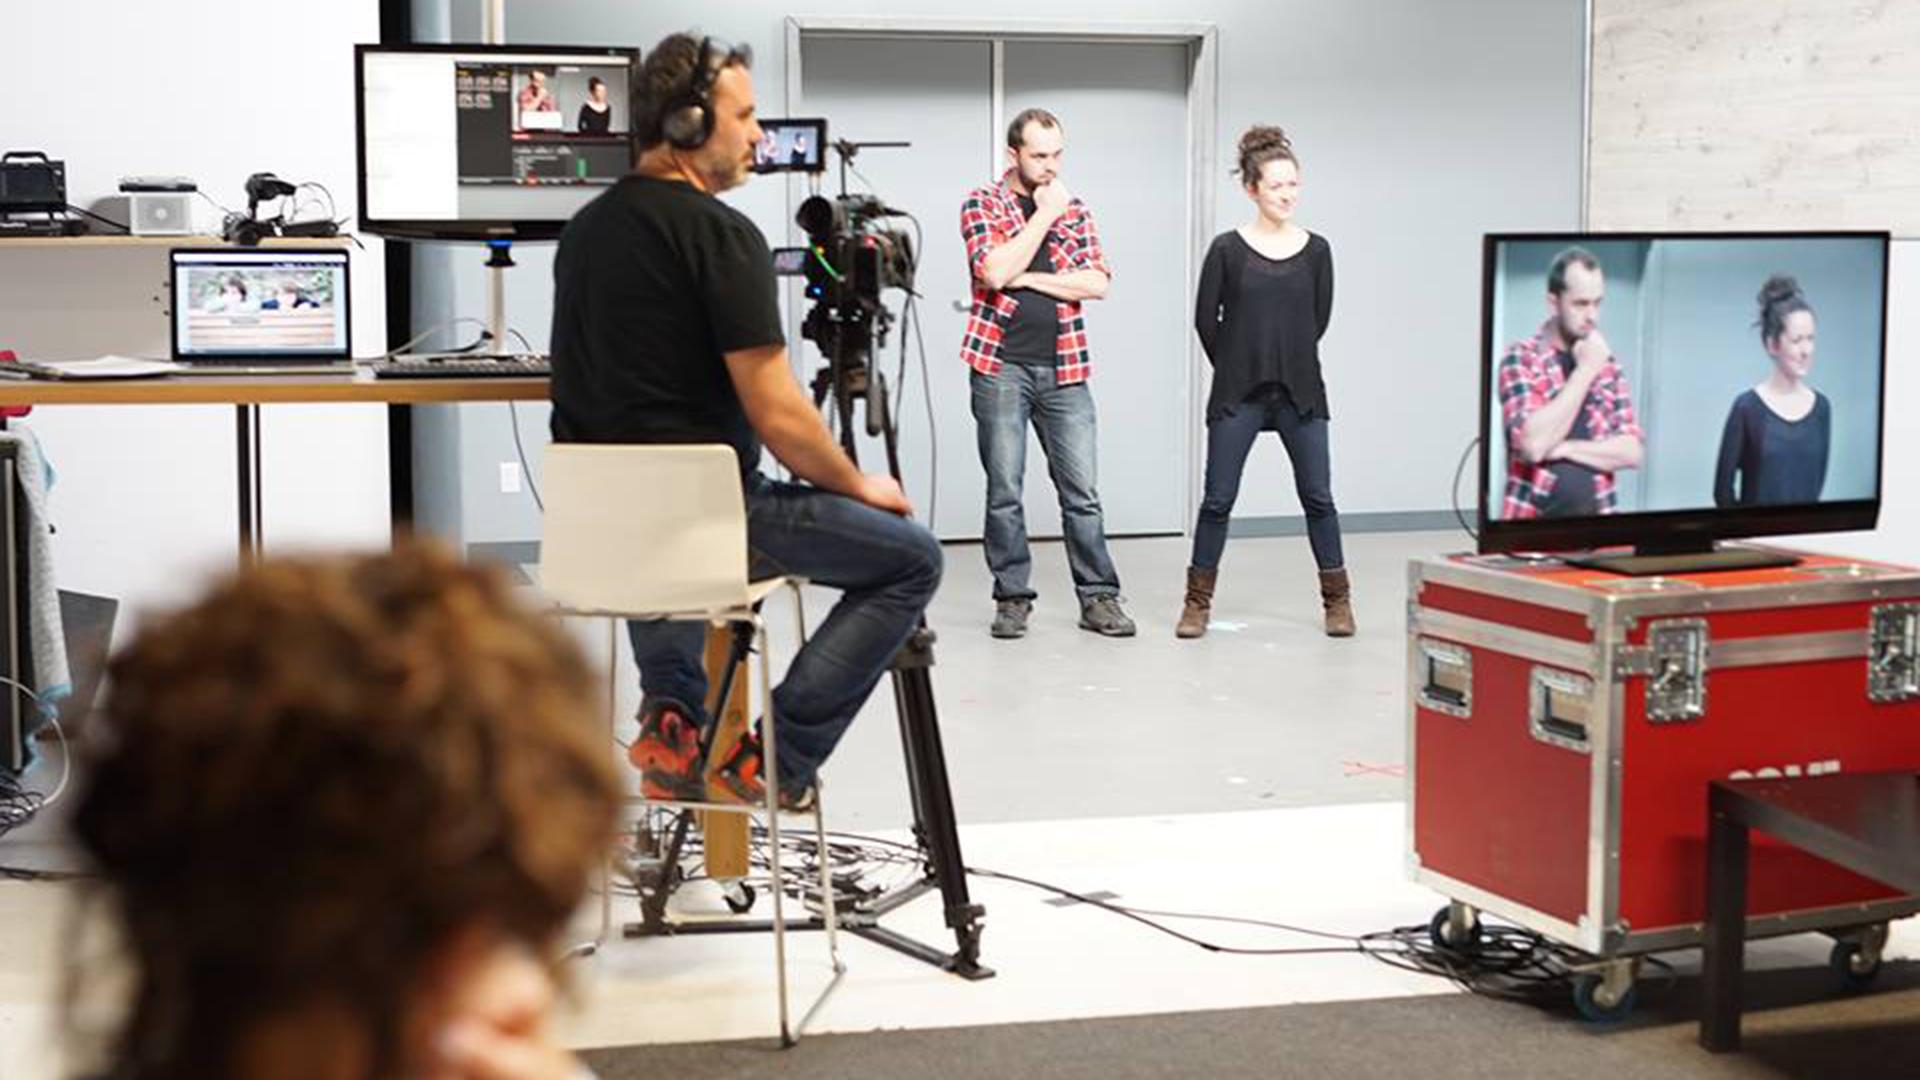 Préparation des acteurs à une audition pour la publicité